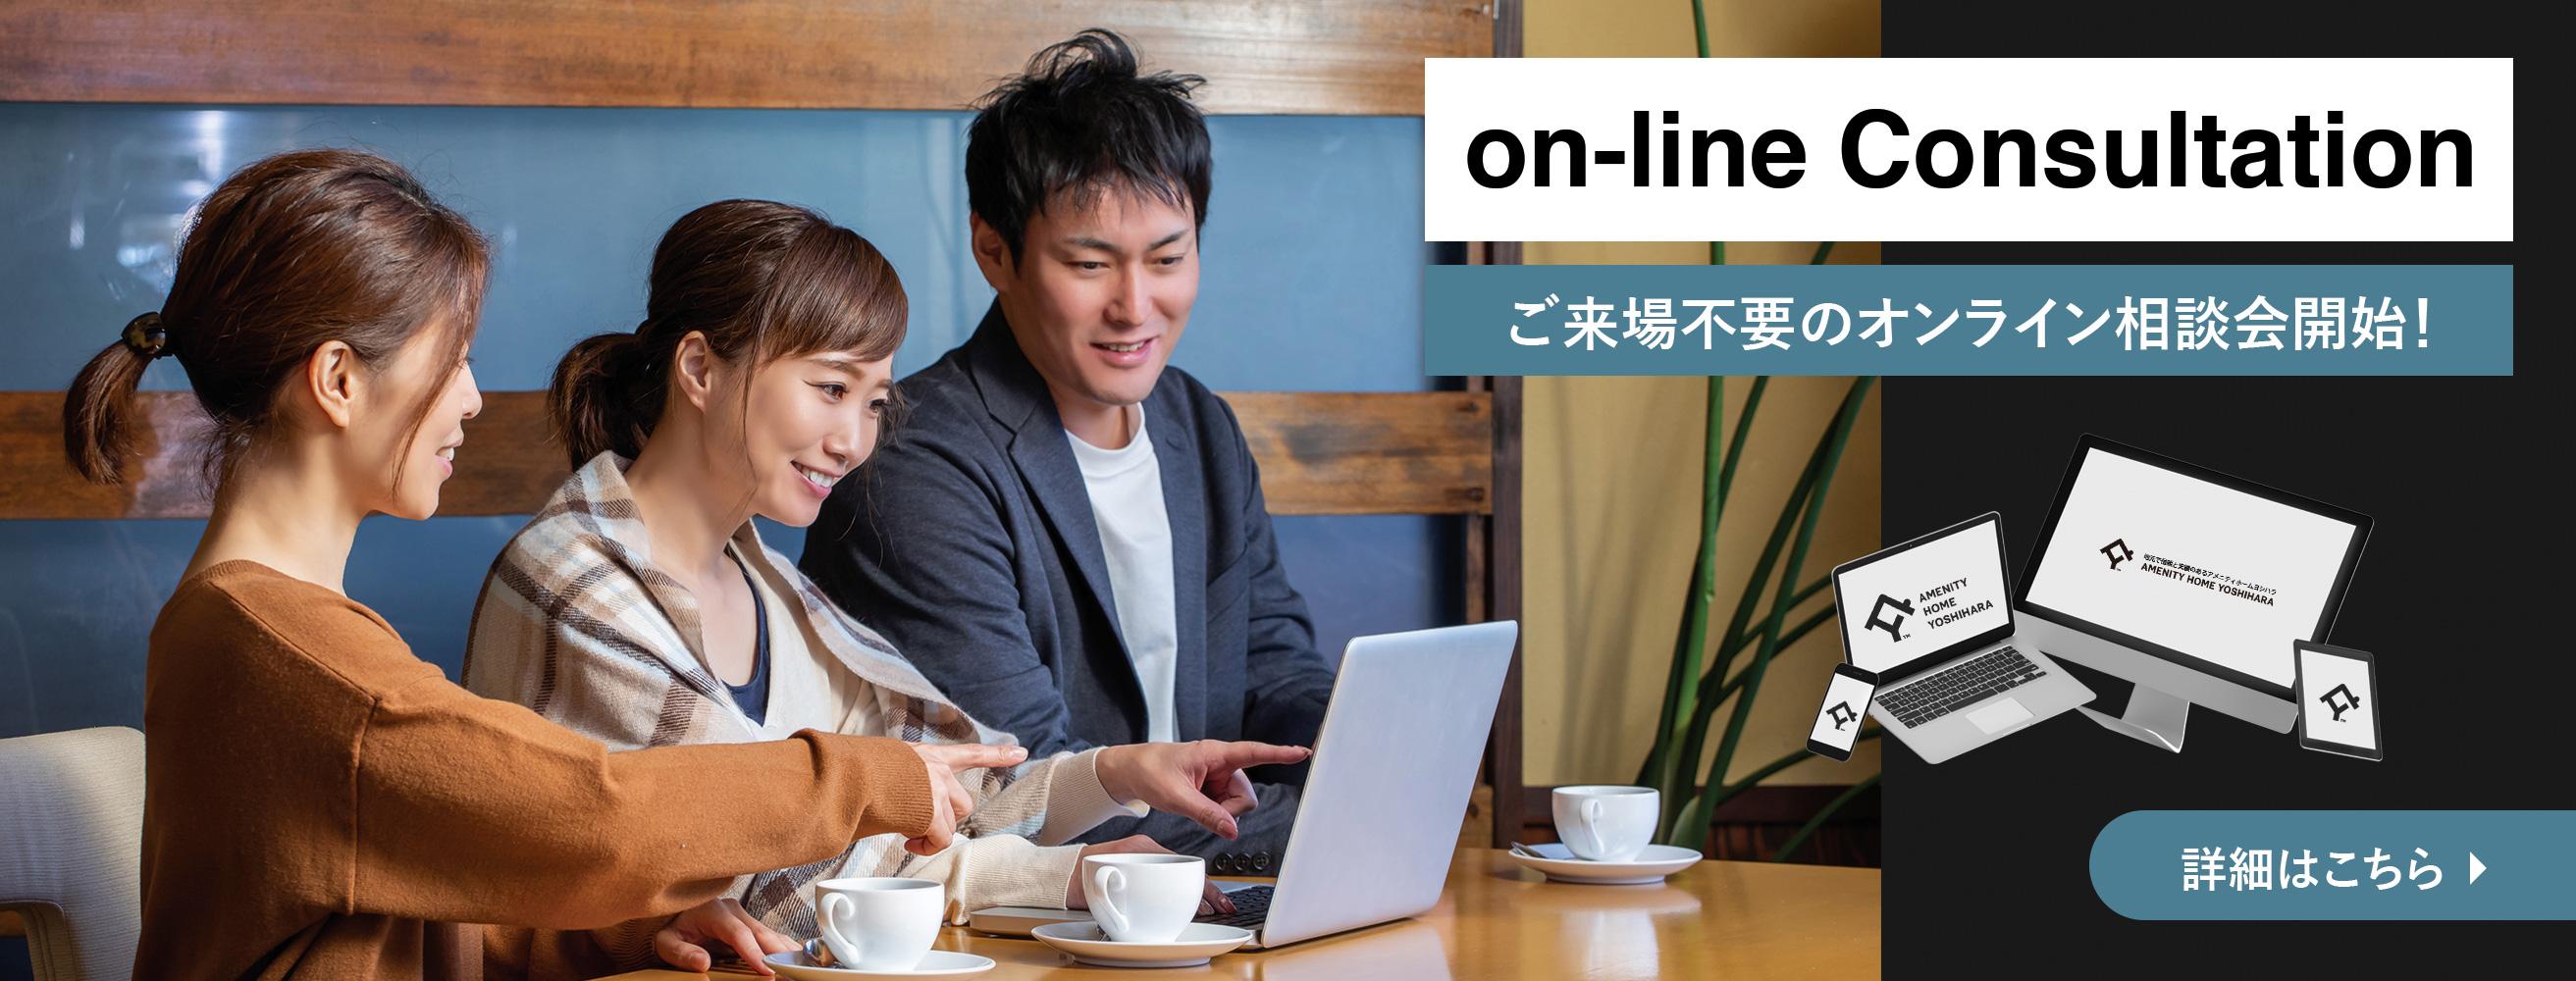 ご来場不要のオンライン相談会開始!ご予約は4月18日(土)から受付